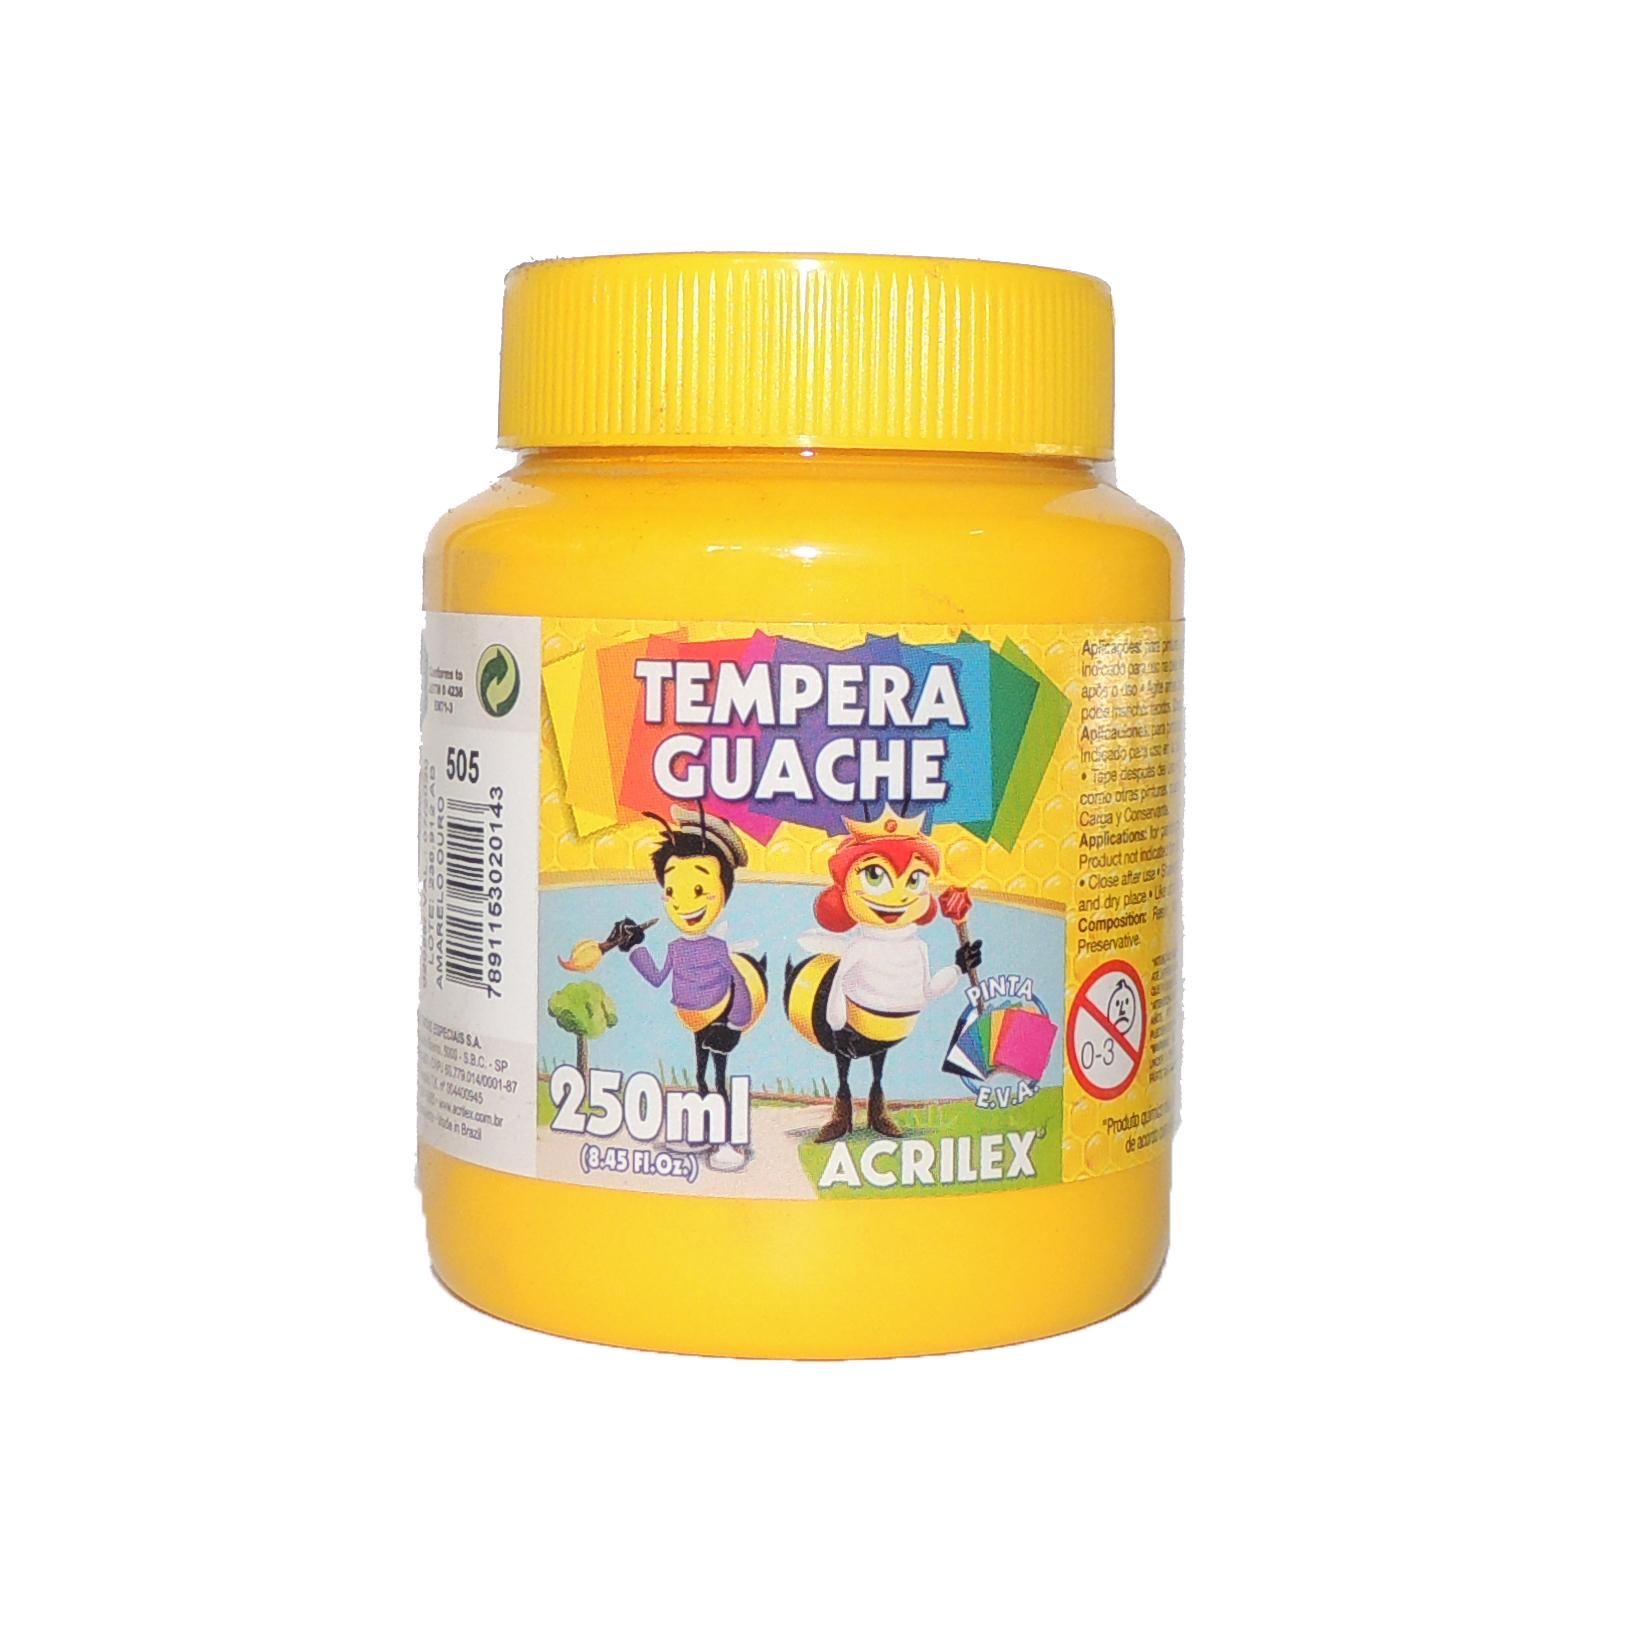 tempera-guache-250ml-505-amarelo-ouro